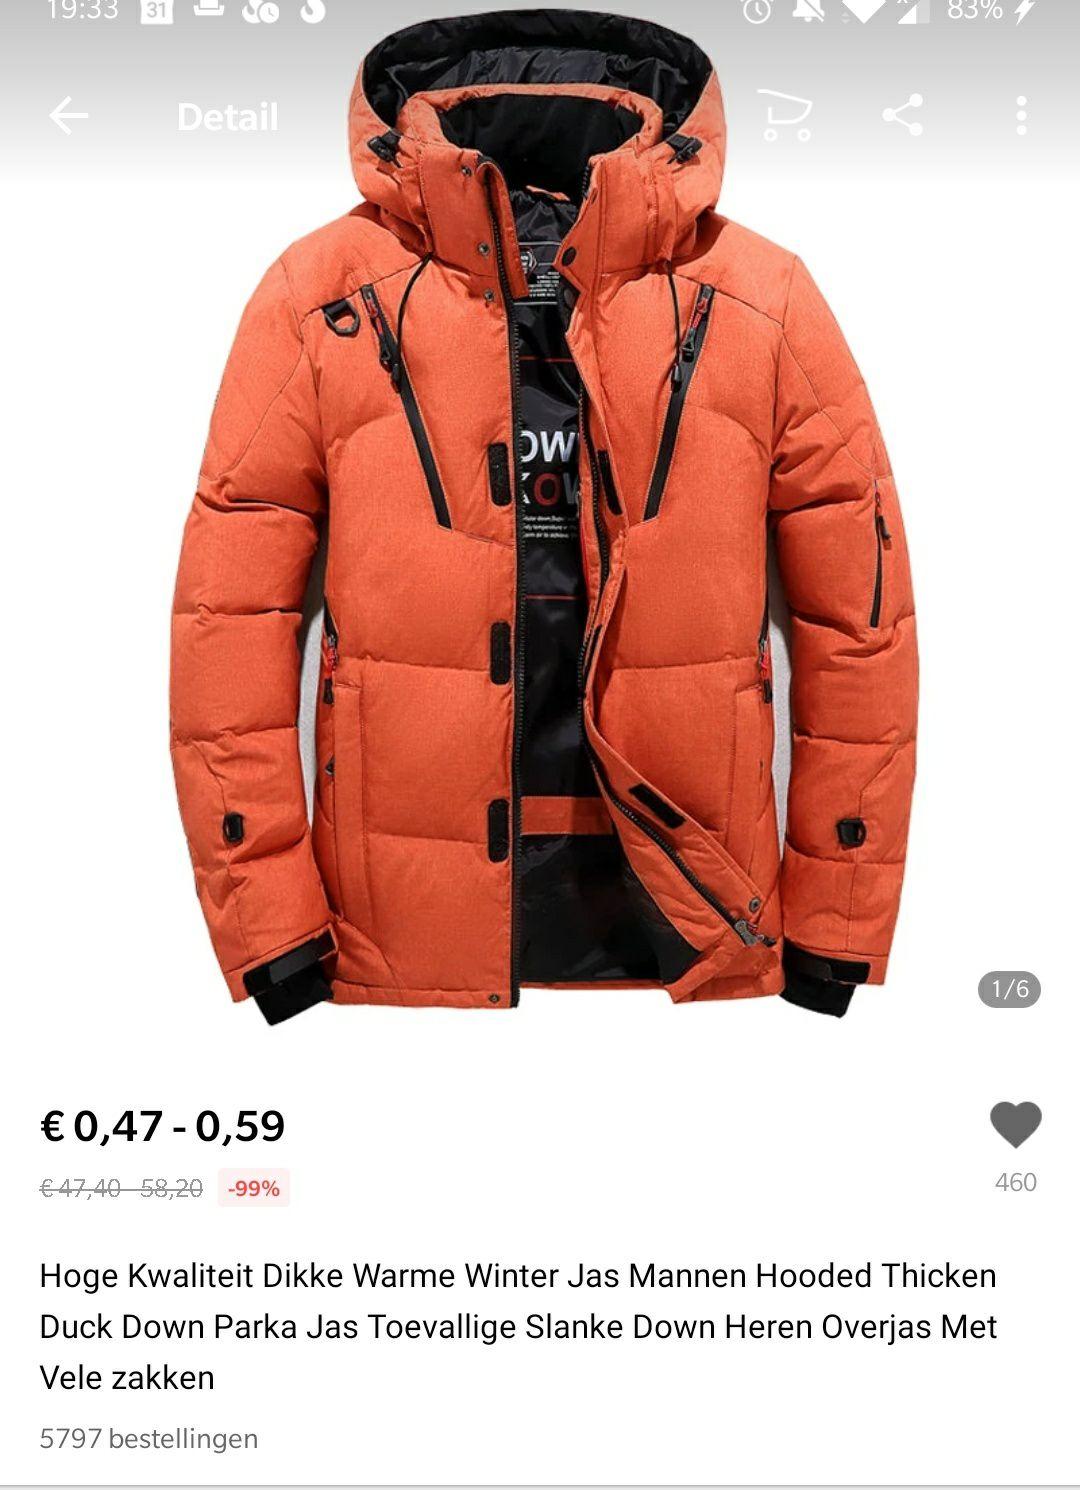 [Prijsfout] Winterjas voor €0,47 @ AliExpress